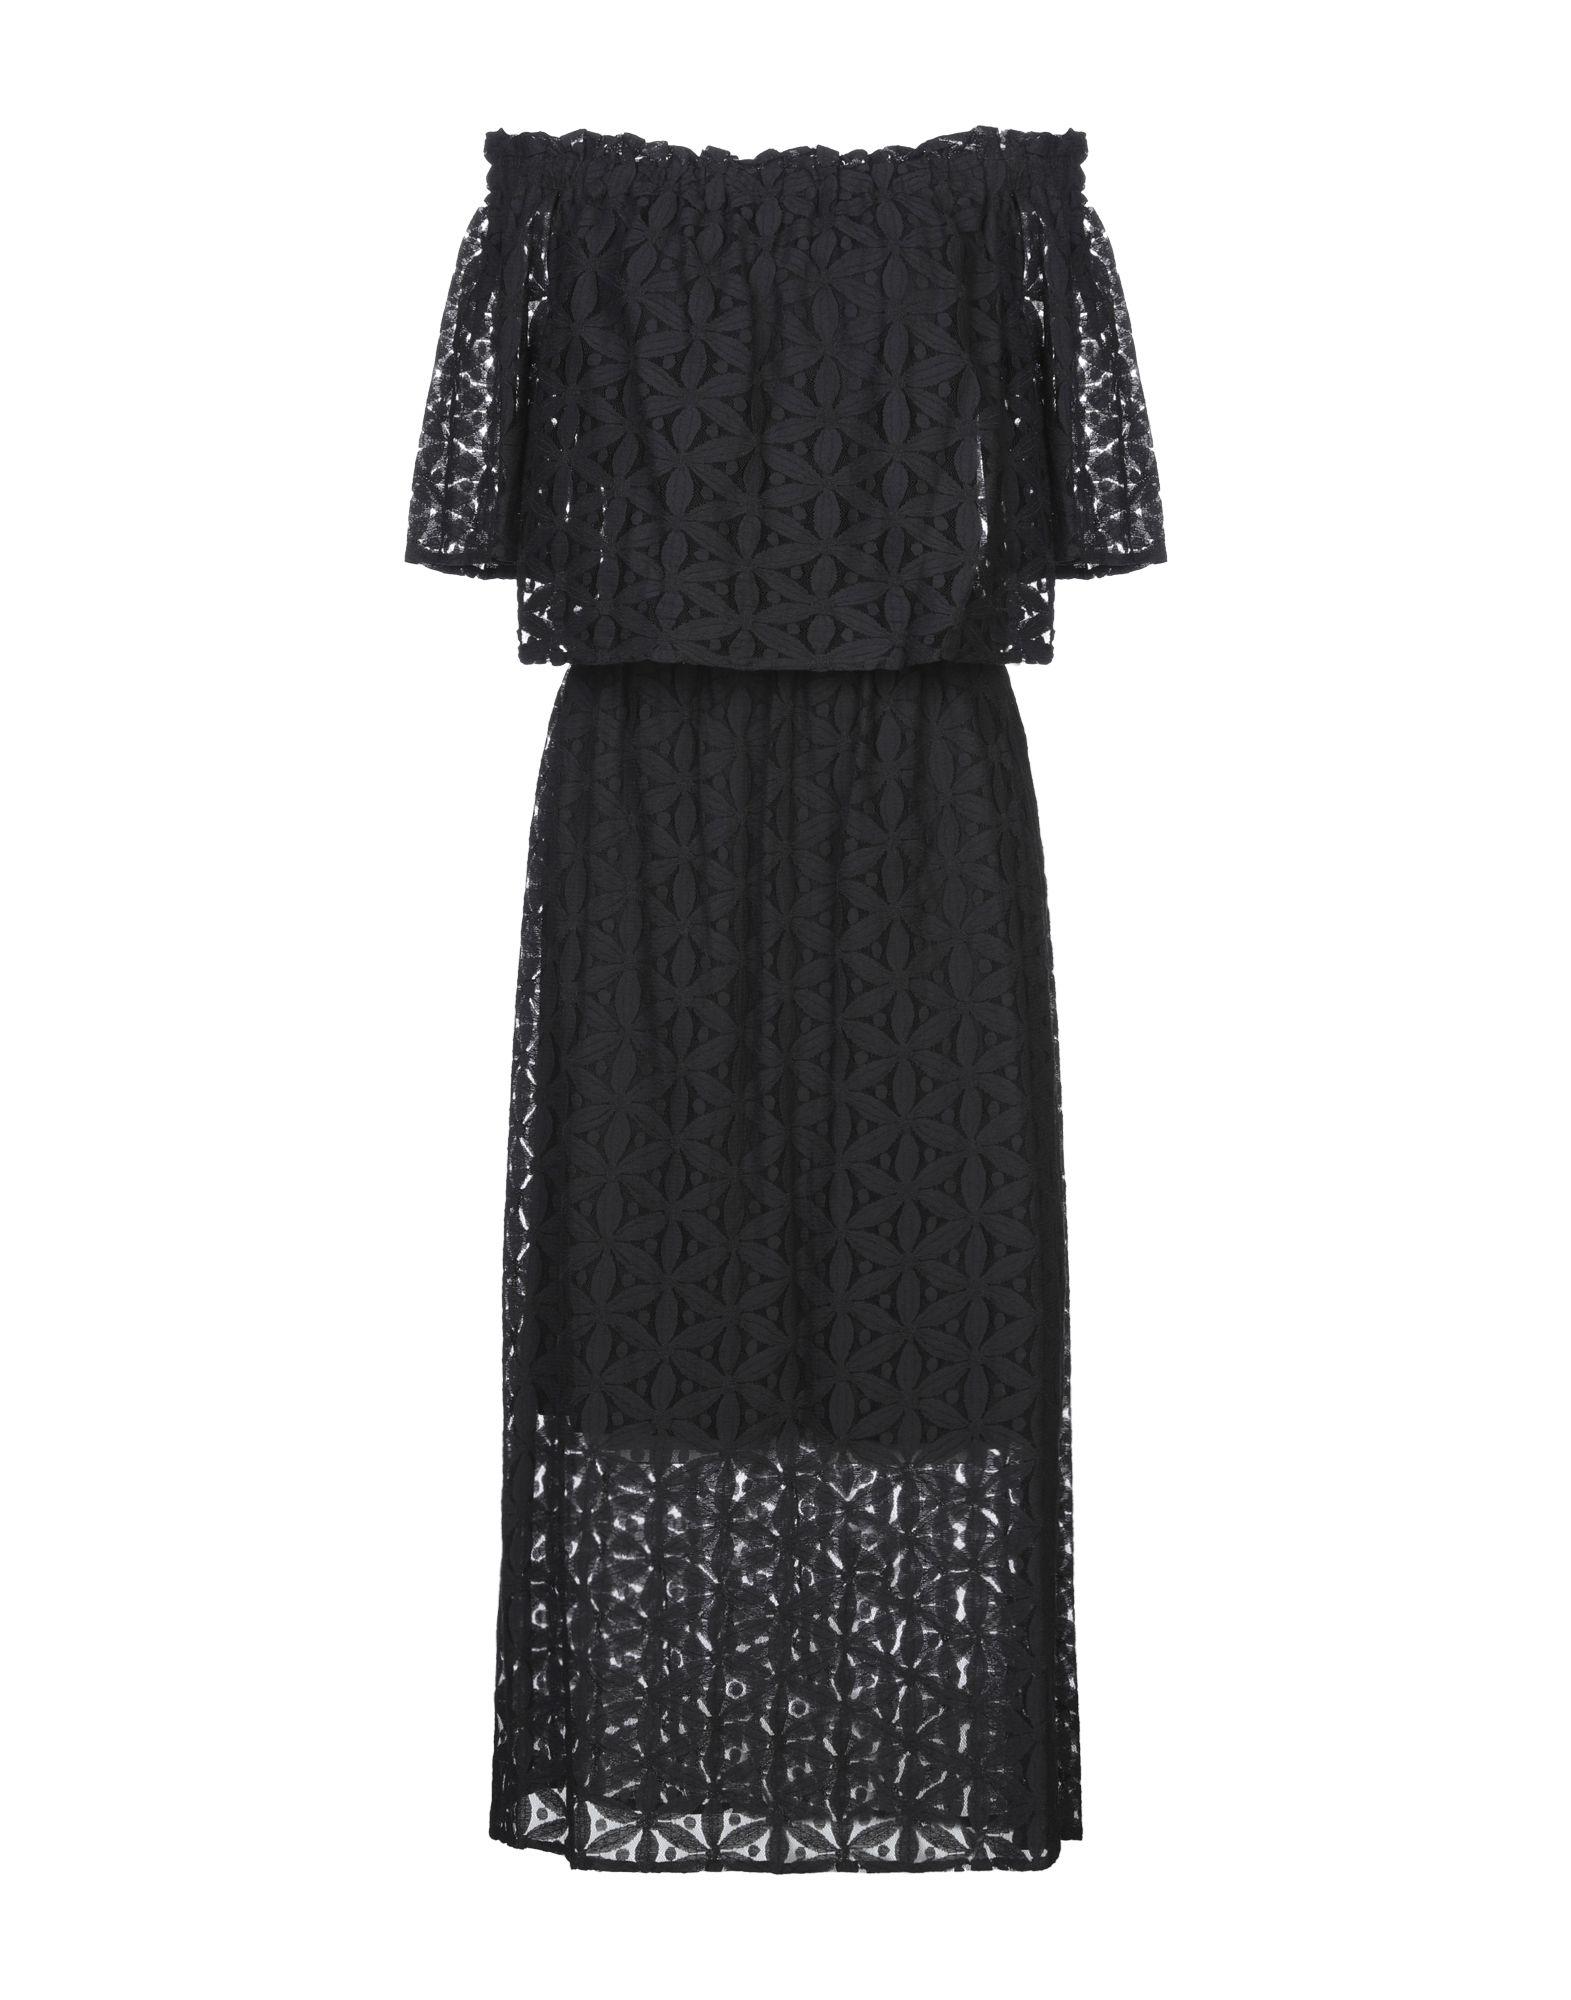 цена на RUE•8ISQUIT Платье длиной 3/4